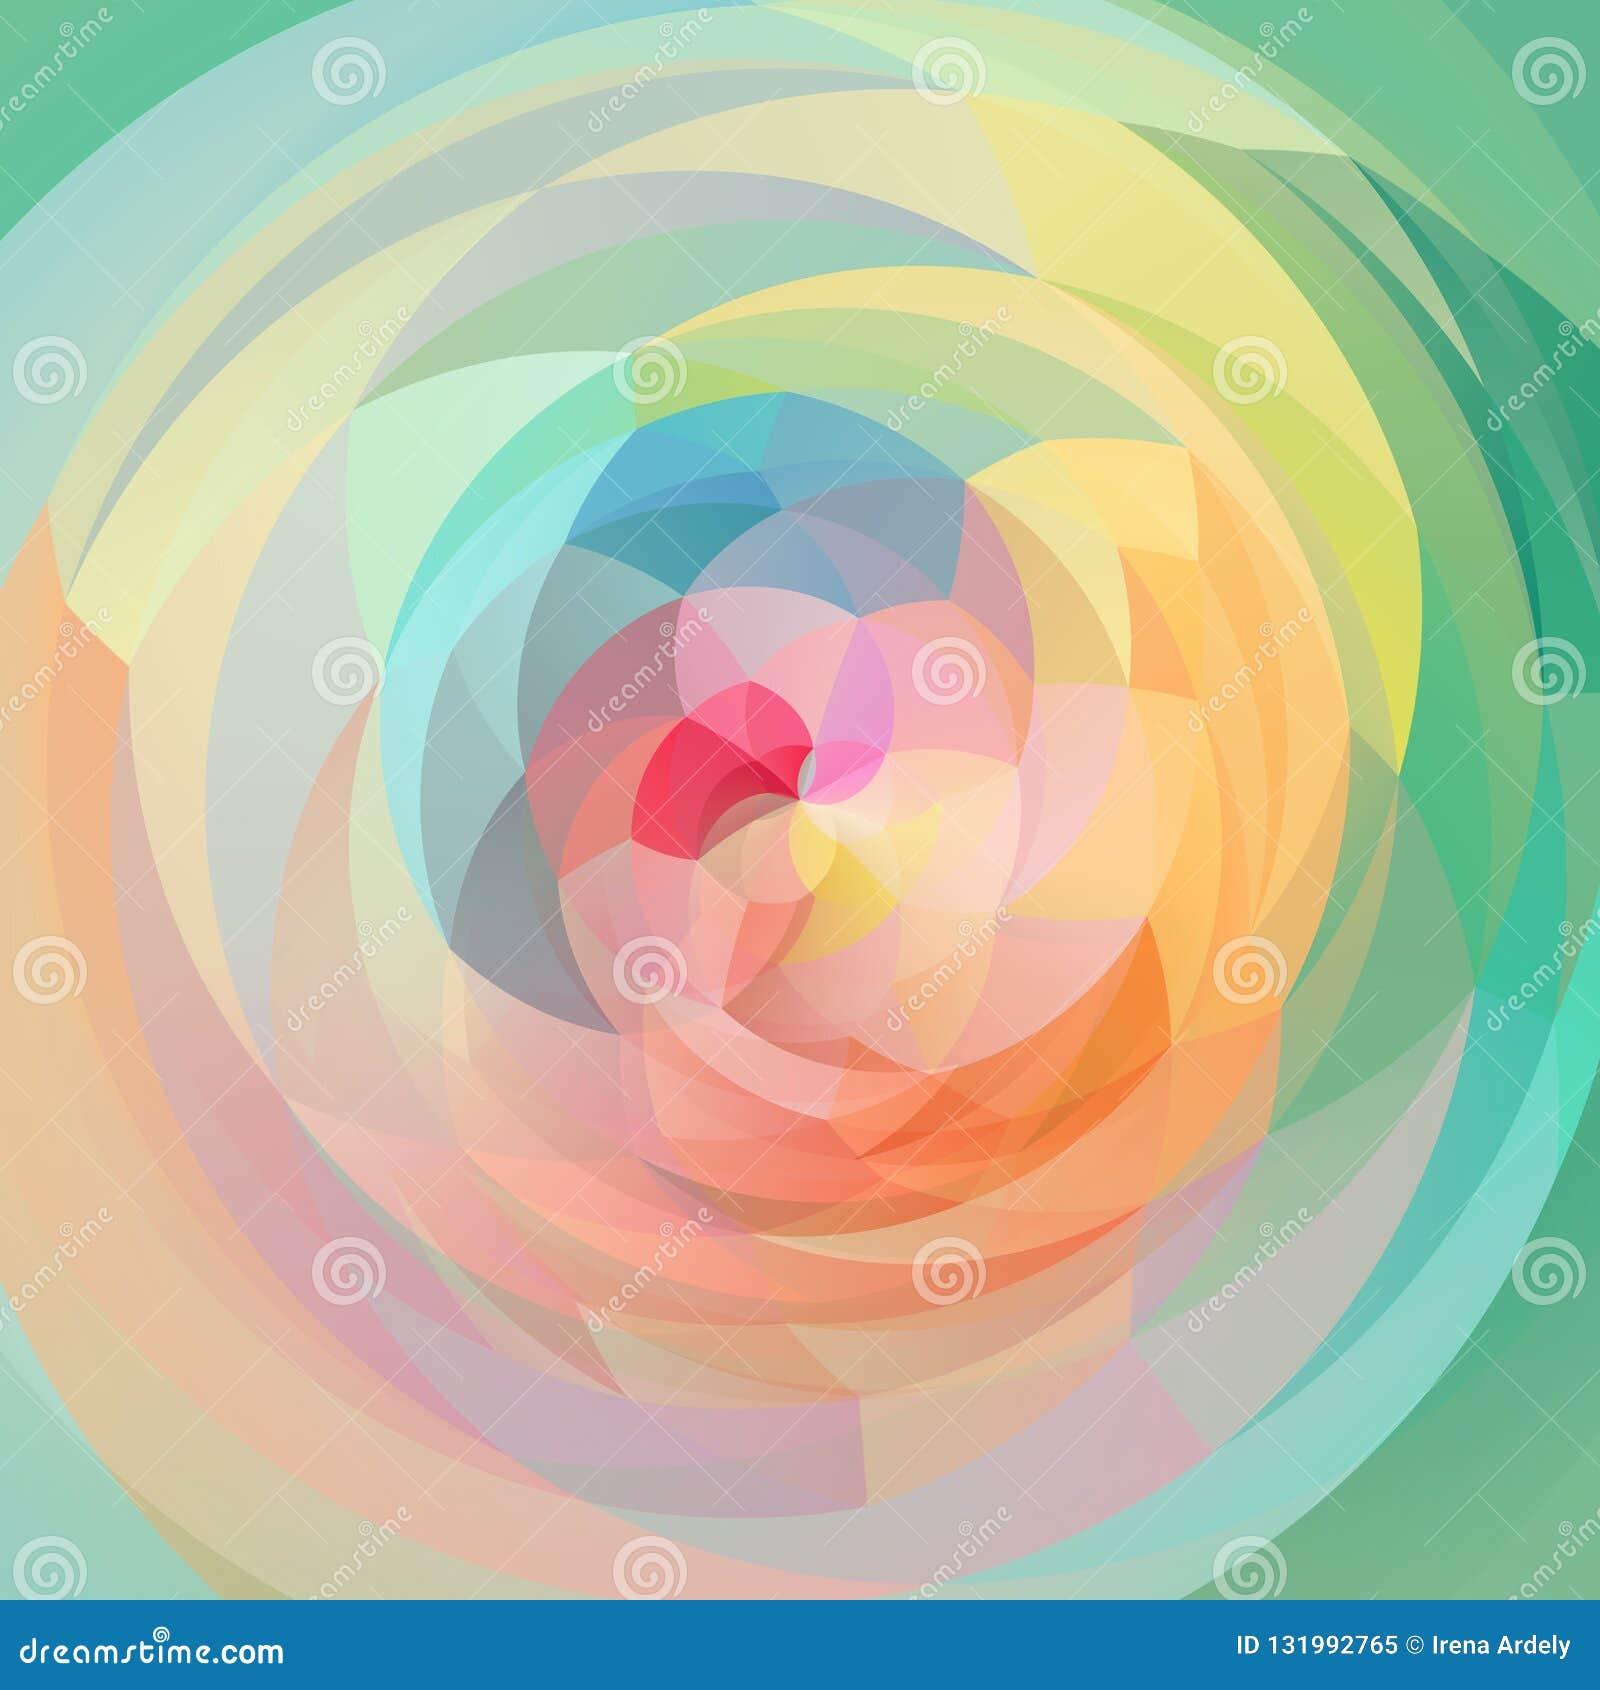 Abstrakcjonistycznej sztuki zawijasa geometryczny tło wiosny zieleń, kolor żółty, menchia, błękit, pomarańcze - folująca widmo tę